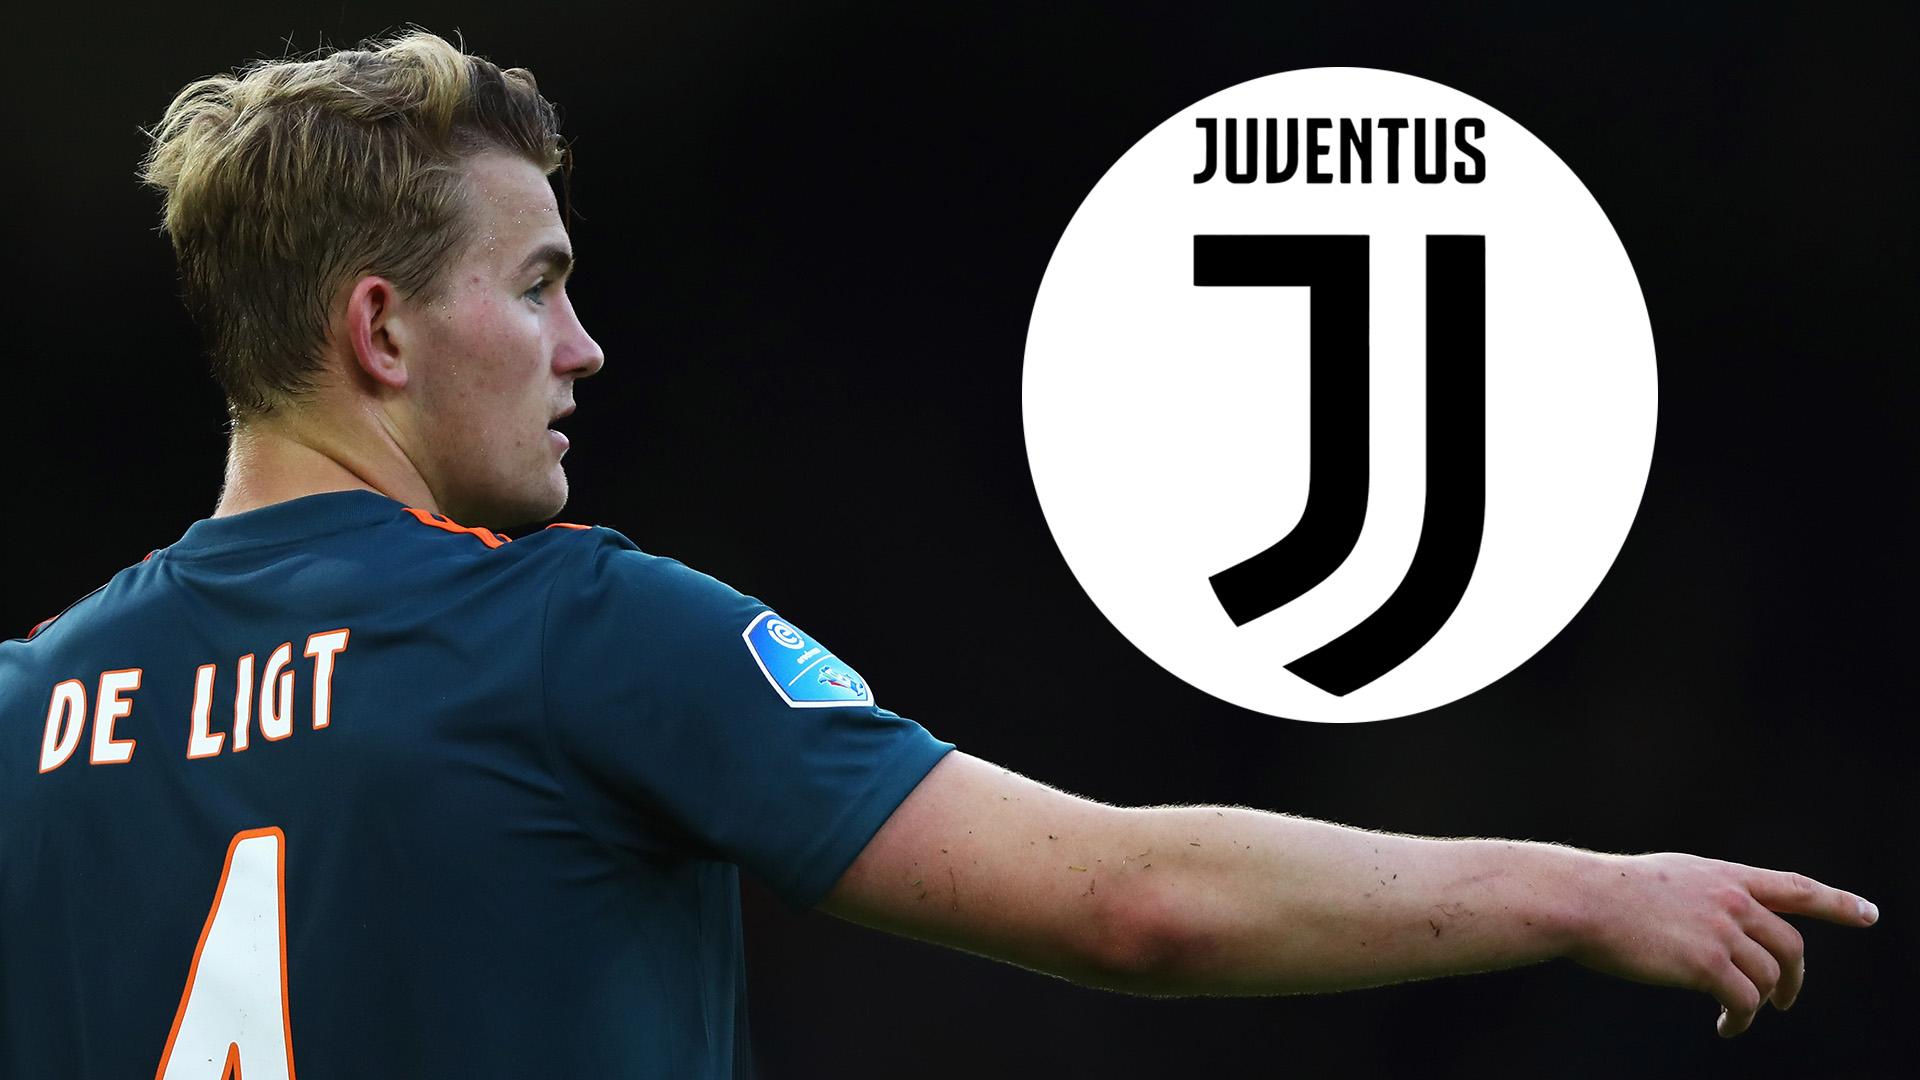 Tin chuyển nhượng sáng 16/7: De Ligt tới Turin, chuẩn bị kiểm tra y tế gia nhập Juventus